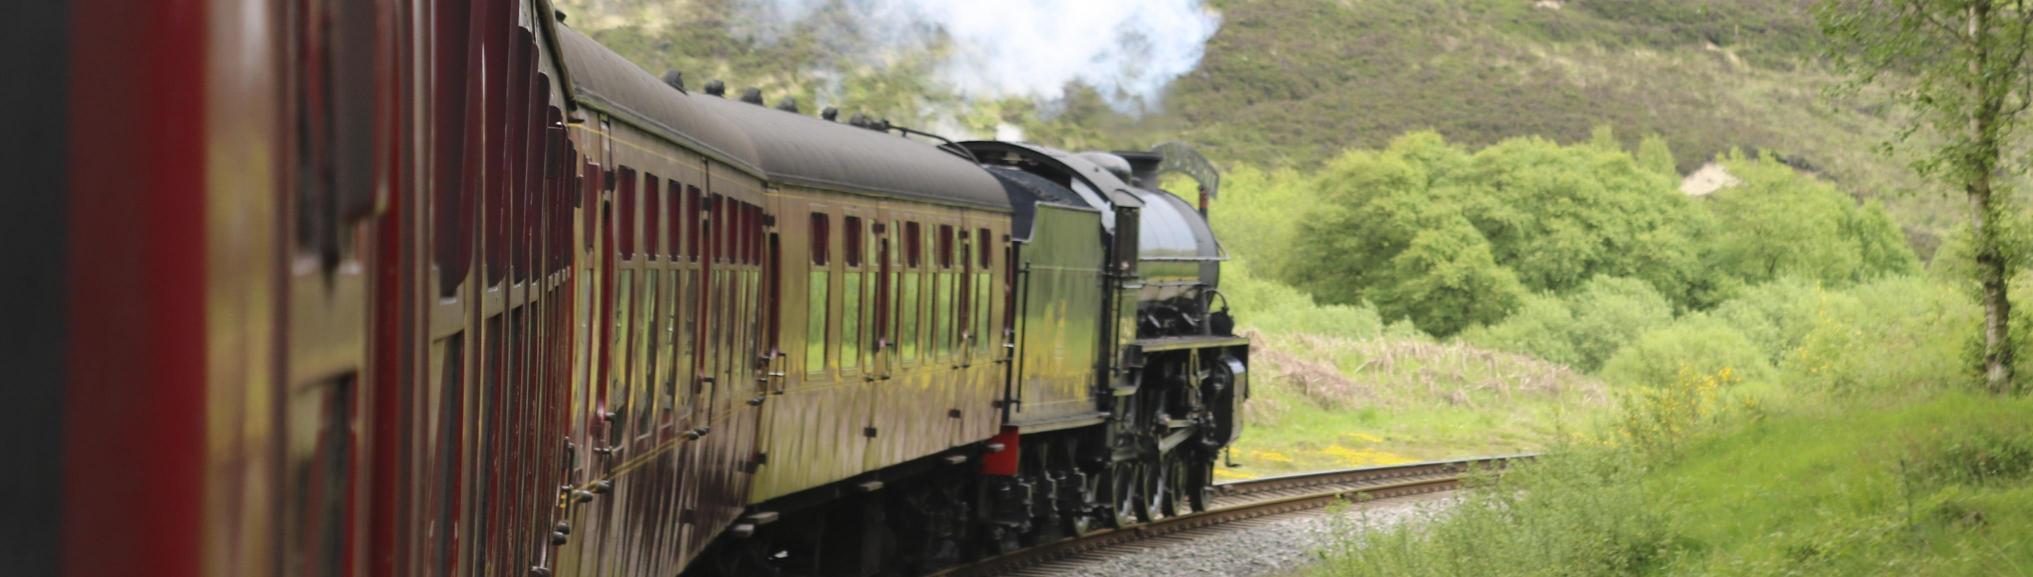 Trein Yorkshire